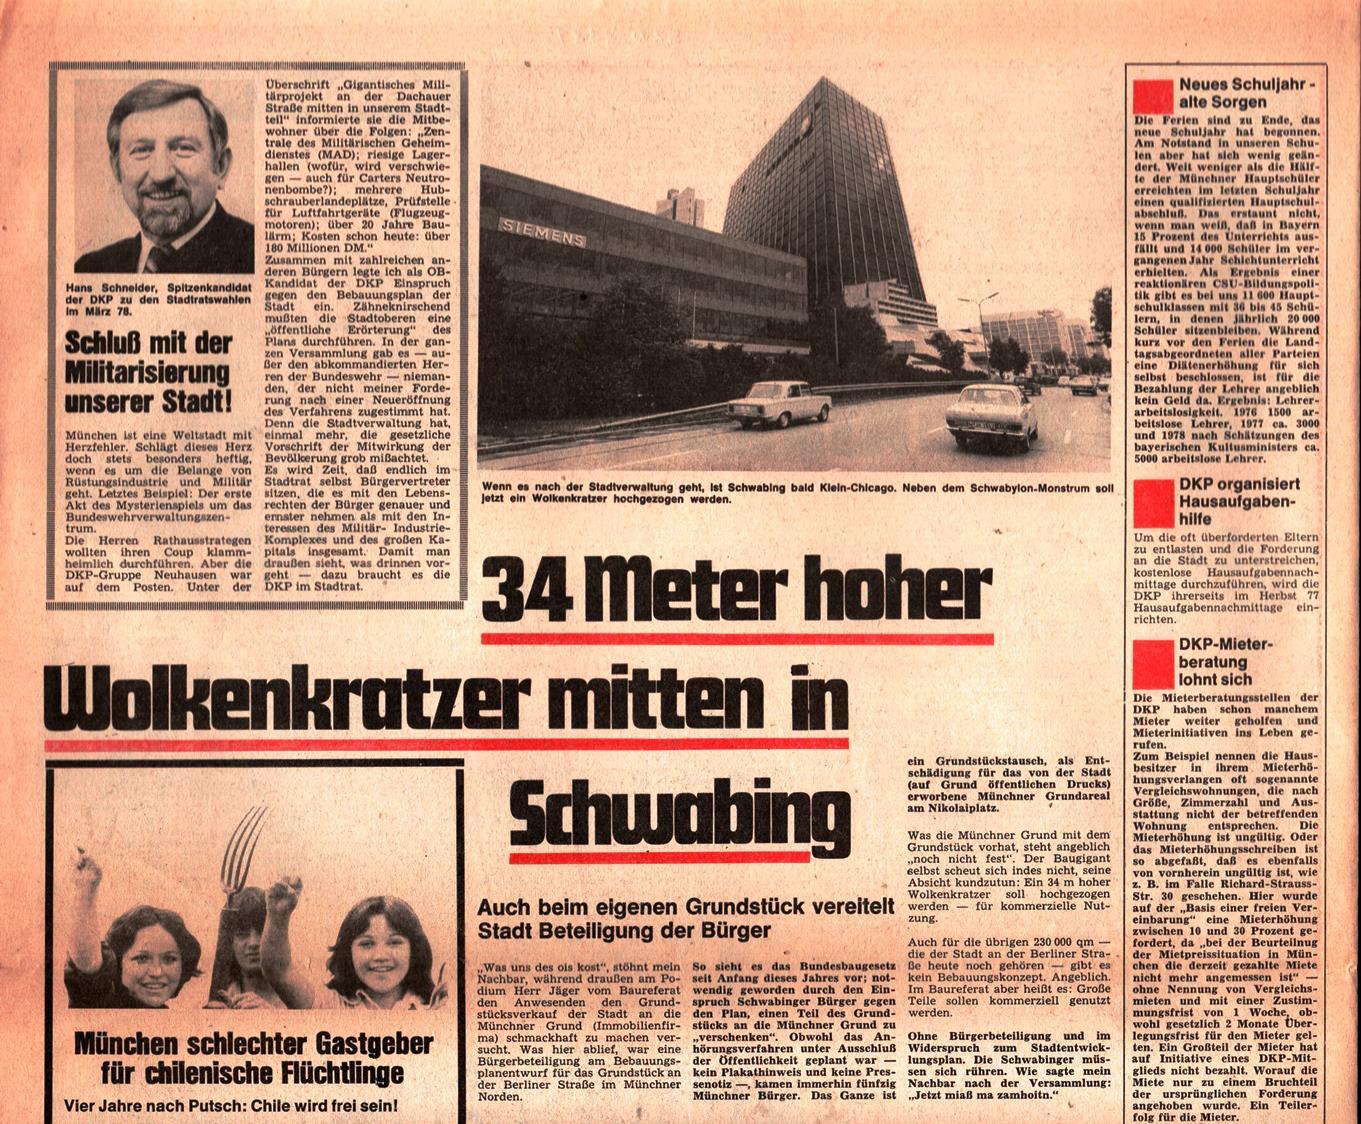 Muenchen_DKP_Neues_Muenchen_19770900_009_003